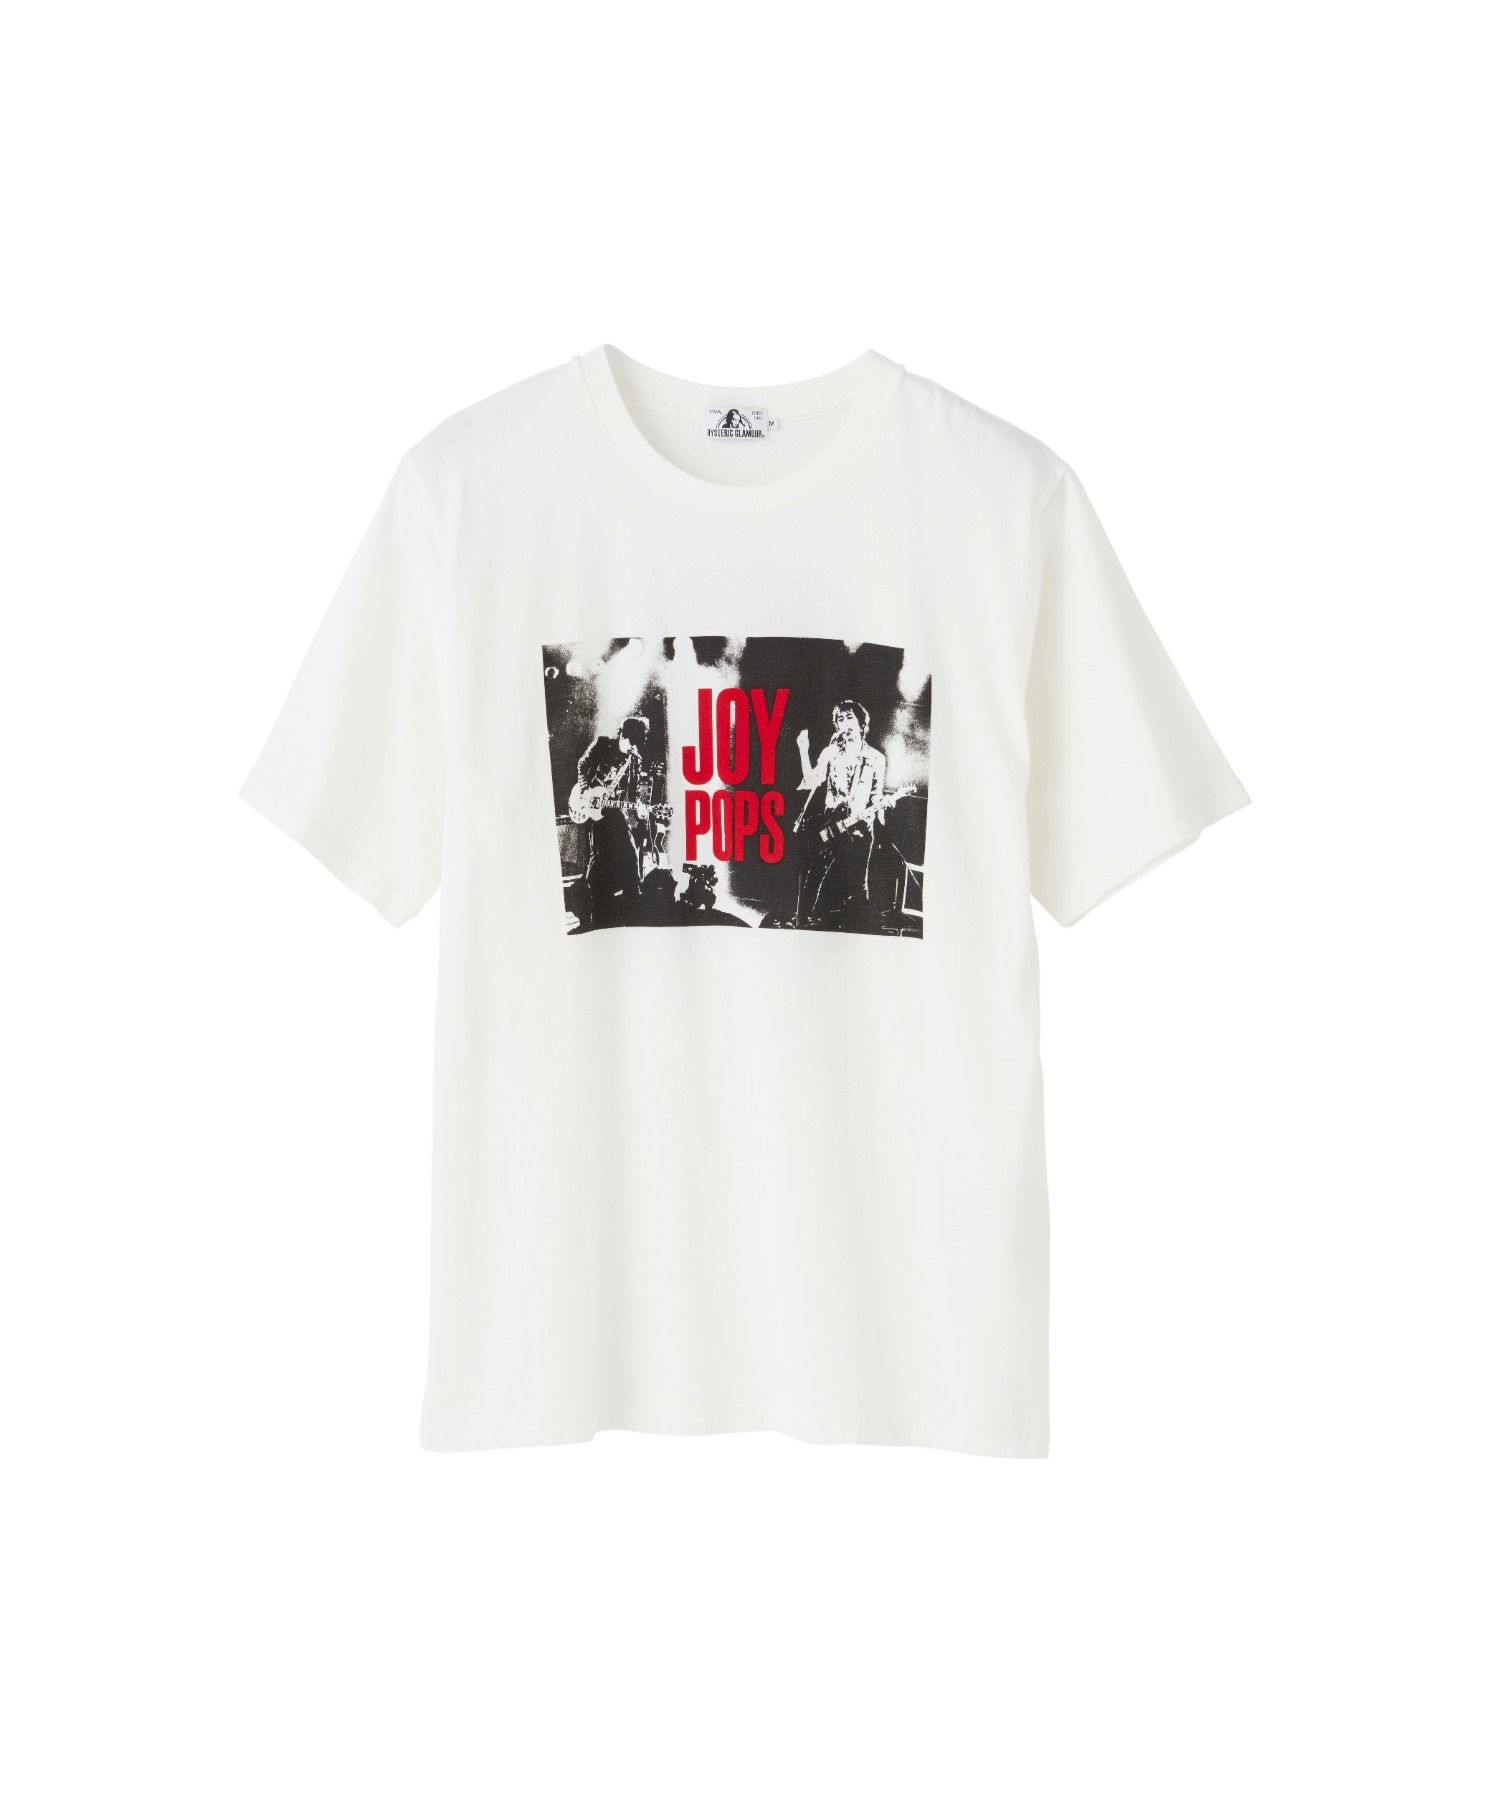 HG JP TOUR Tシャツ